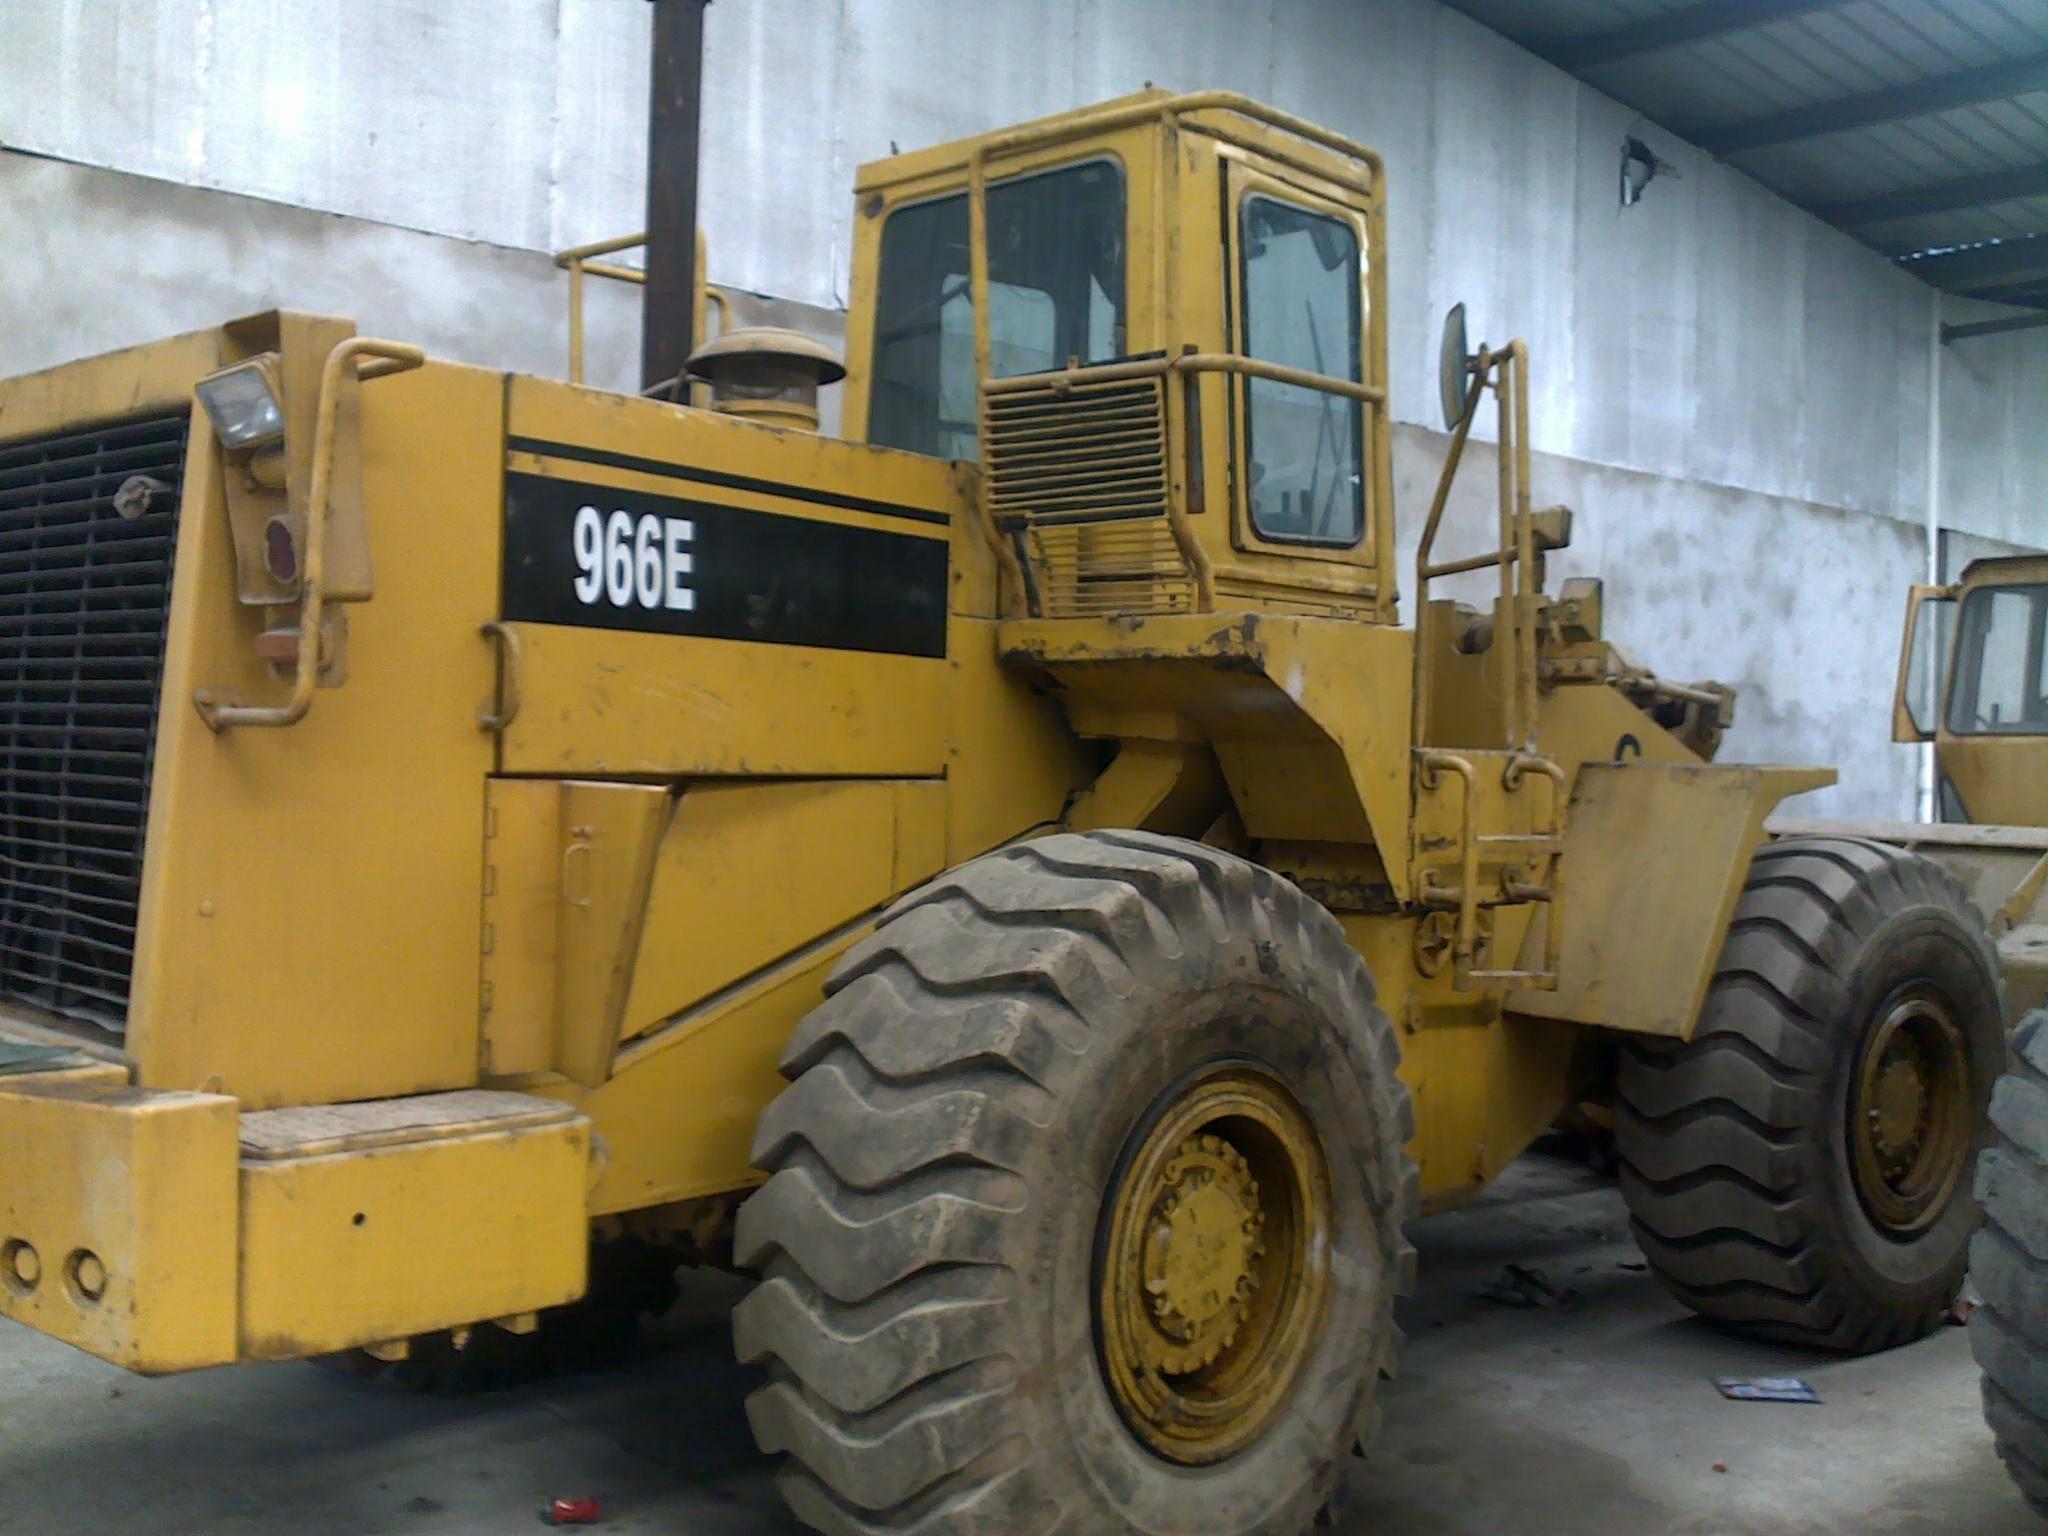 used wheel loaders 966E,CAT 966E